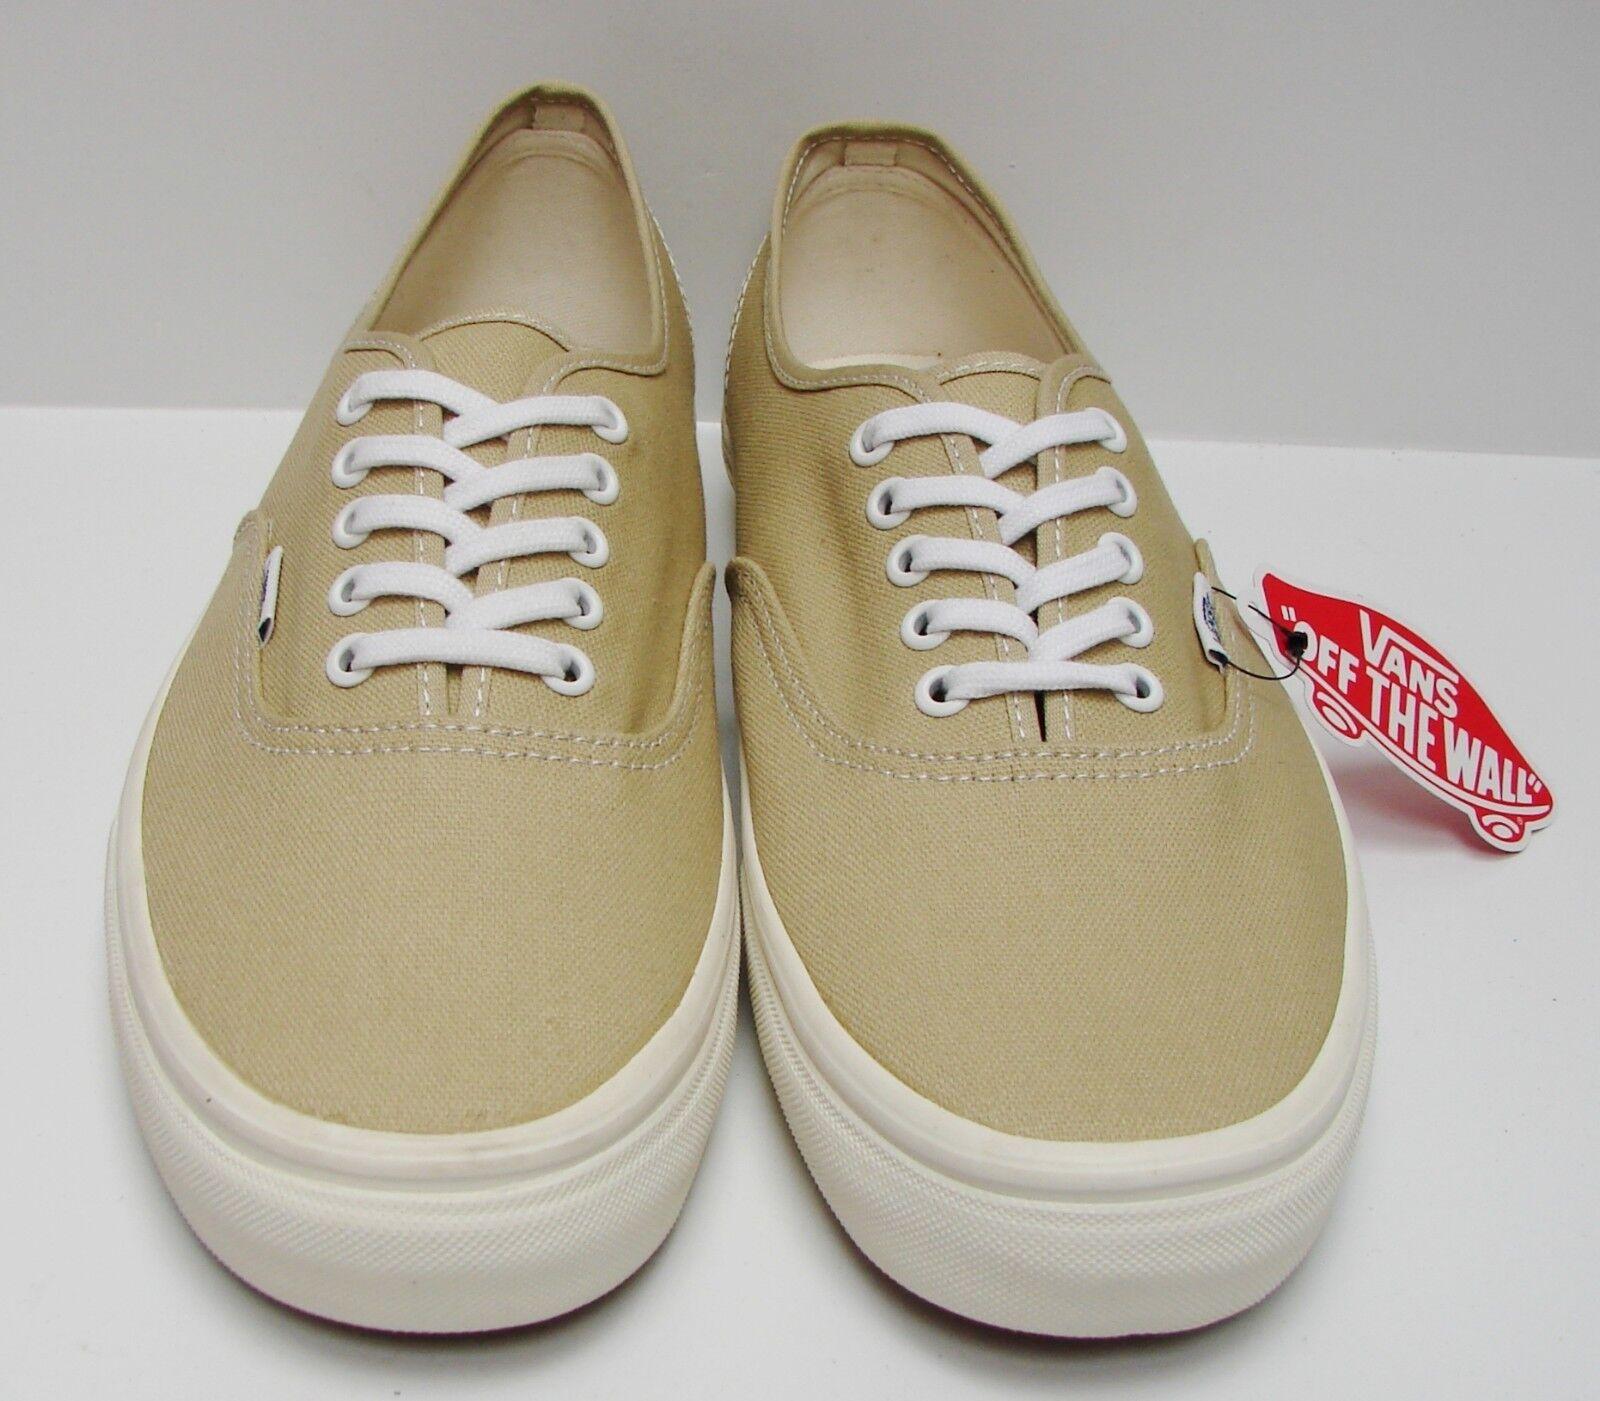 4a66effb2e Vans Authentic Vintage Pale Khaki Marshmallow VN-0VOEC7M Men s Size 6.5